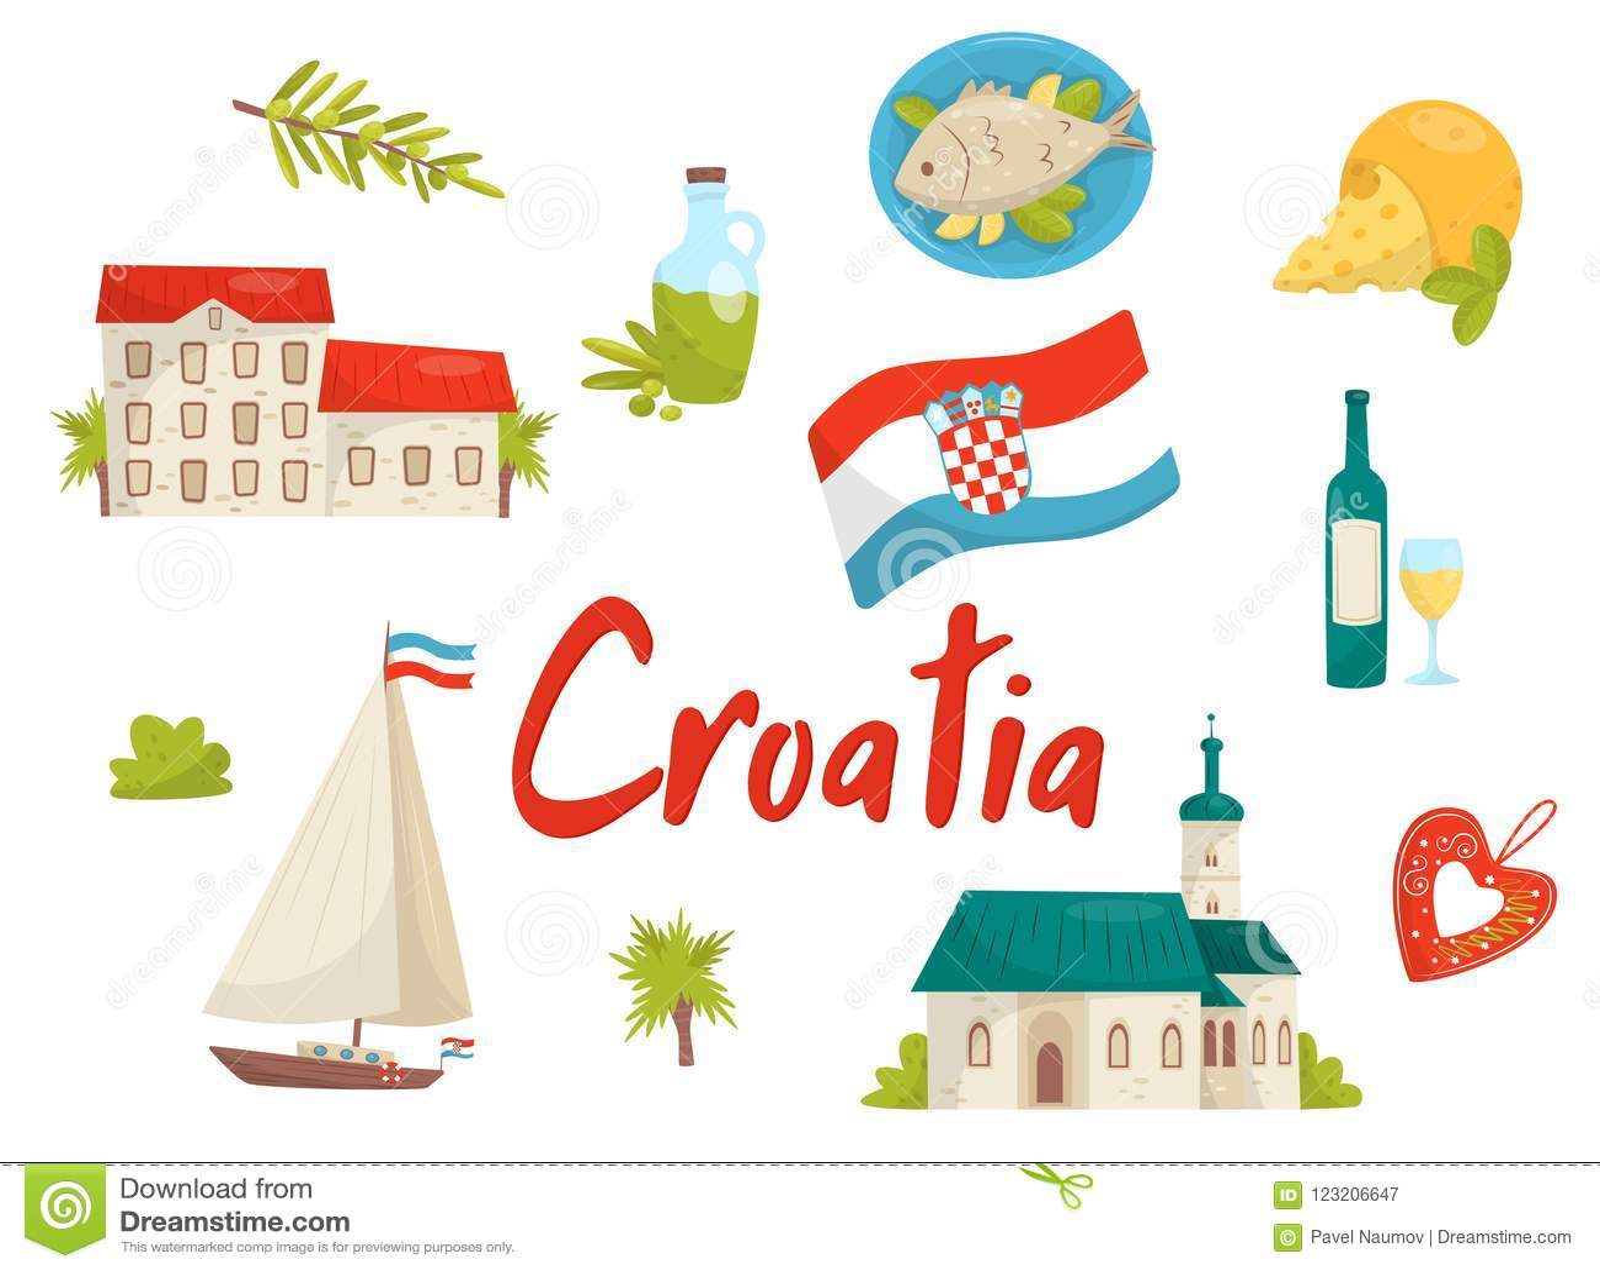 Flat Vector Set Of National Cultural Symbols Of Croatia Old